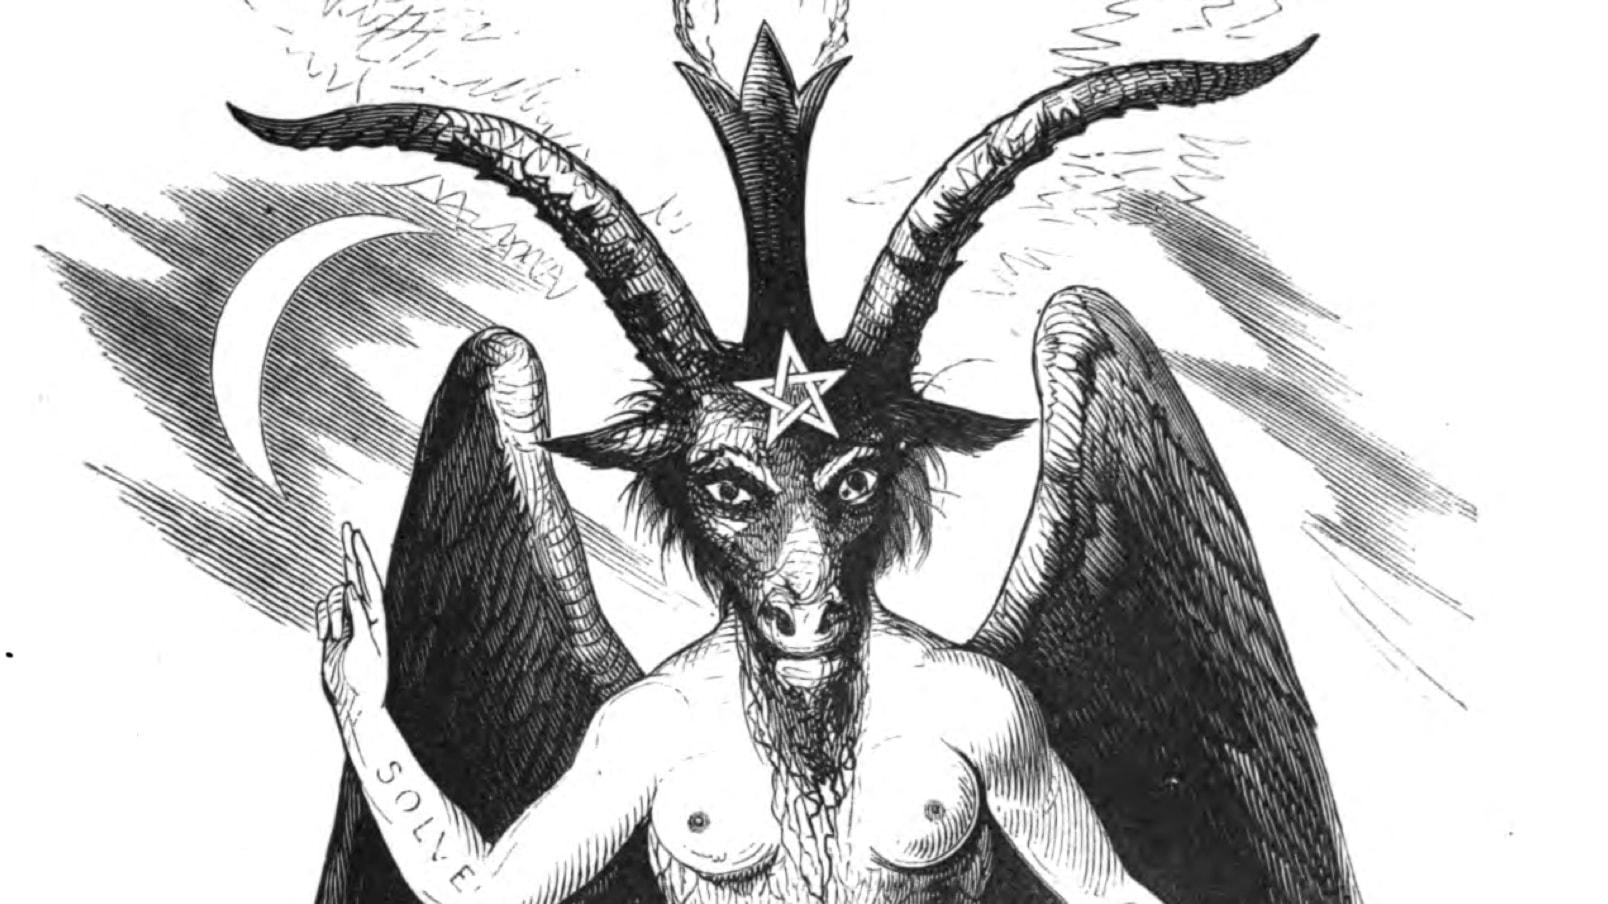 Satans jävla kläder – en titt in i ondskans garderob